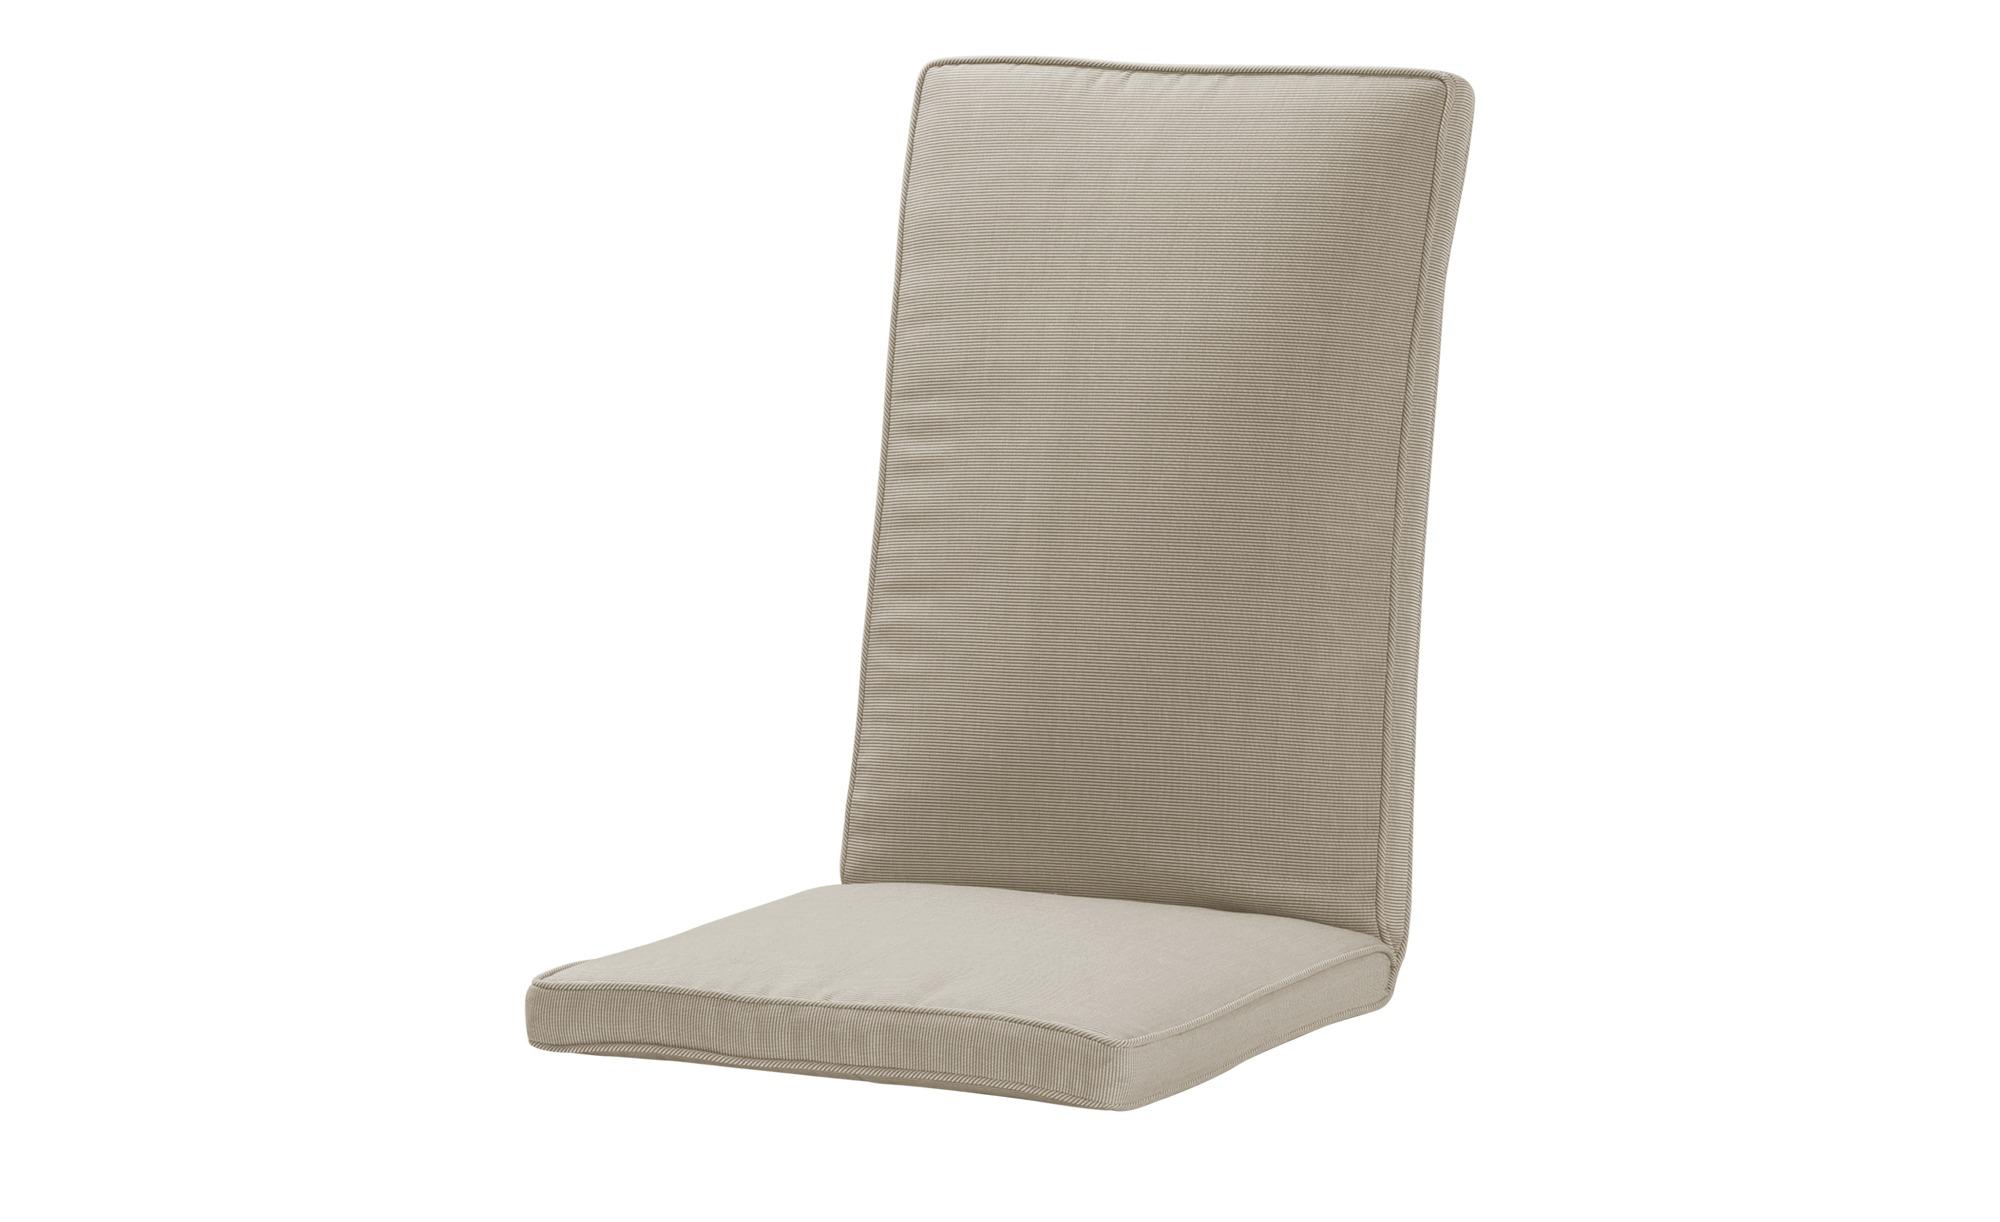 Zebra Sitz- und Rückenkissen  Loomus ¦ beige ¦ 100% Polyester ¦ Maße (cm): B: 48 H: 5 Garten > Auflagen & Kissen > Sonstige Sitzkissen - Höffner